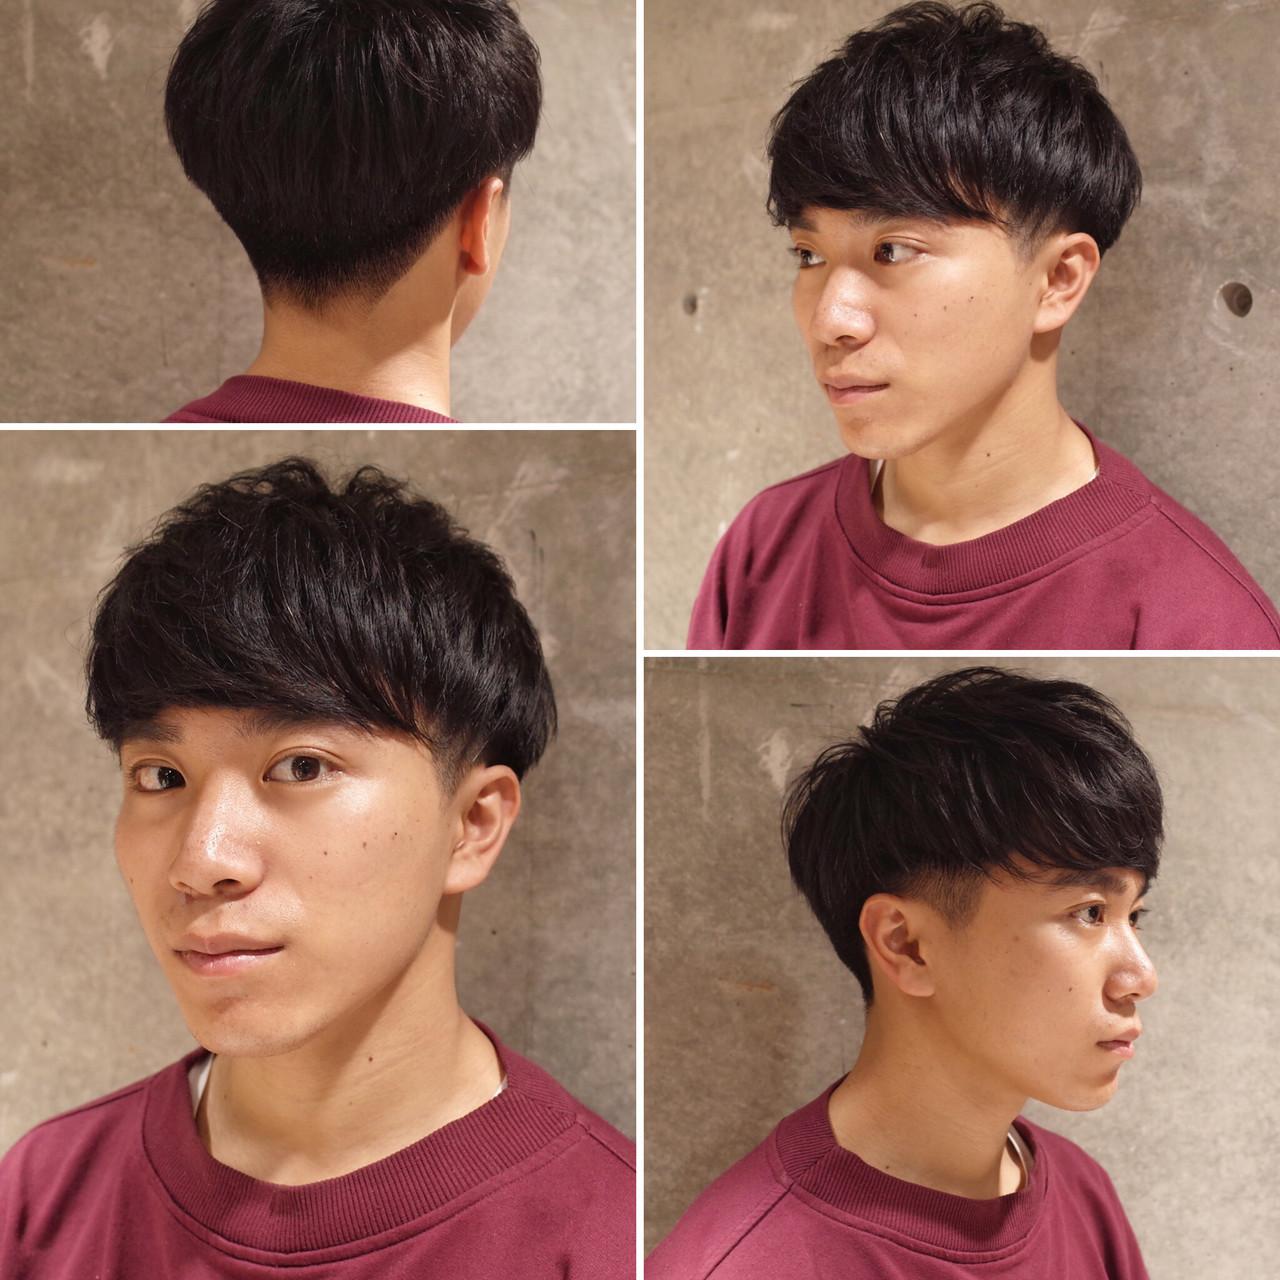 メンズヘア 刈り上げ メンズ ショート ヘアスタイルや髪型の写真・画像